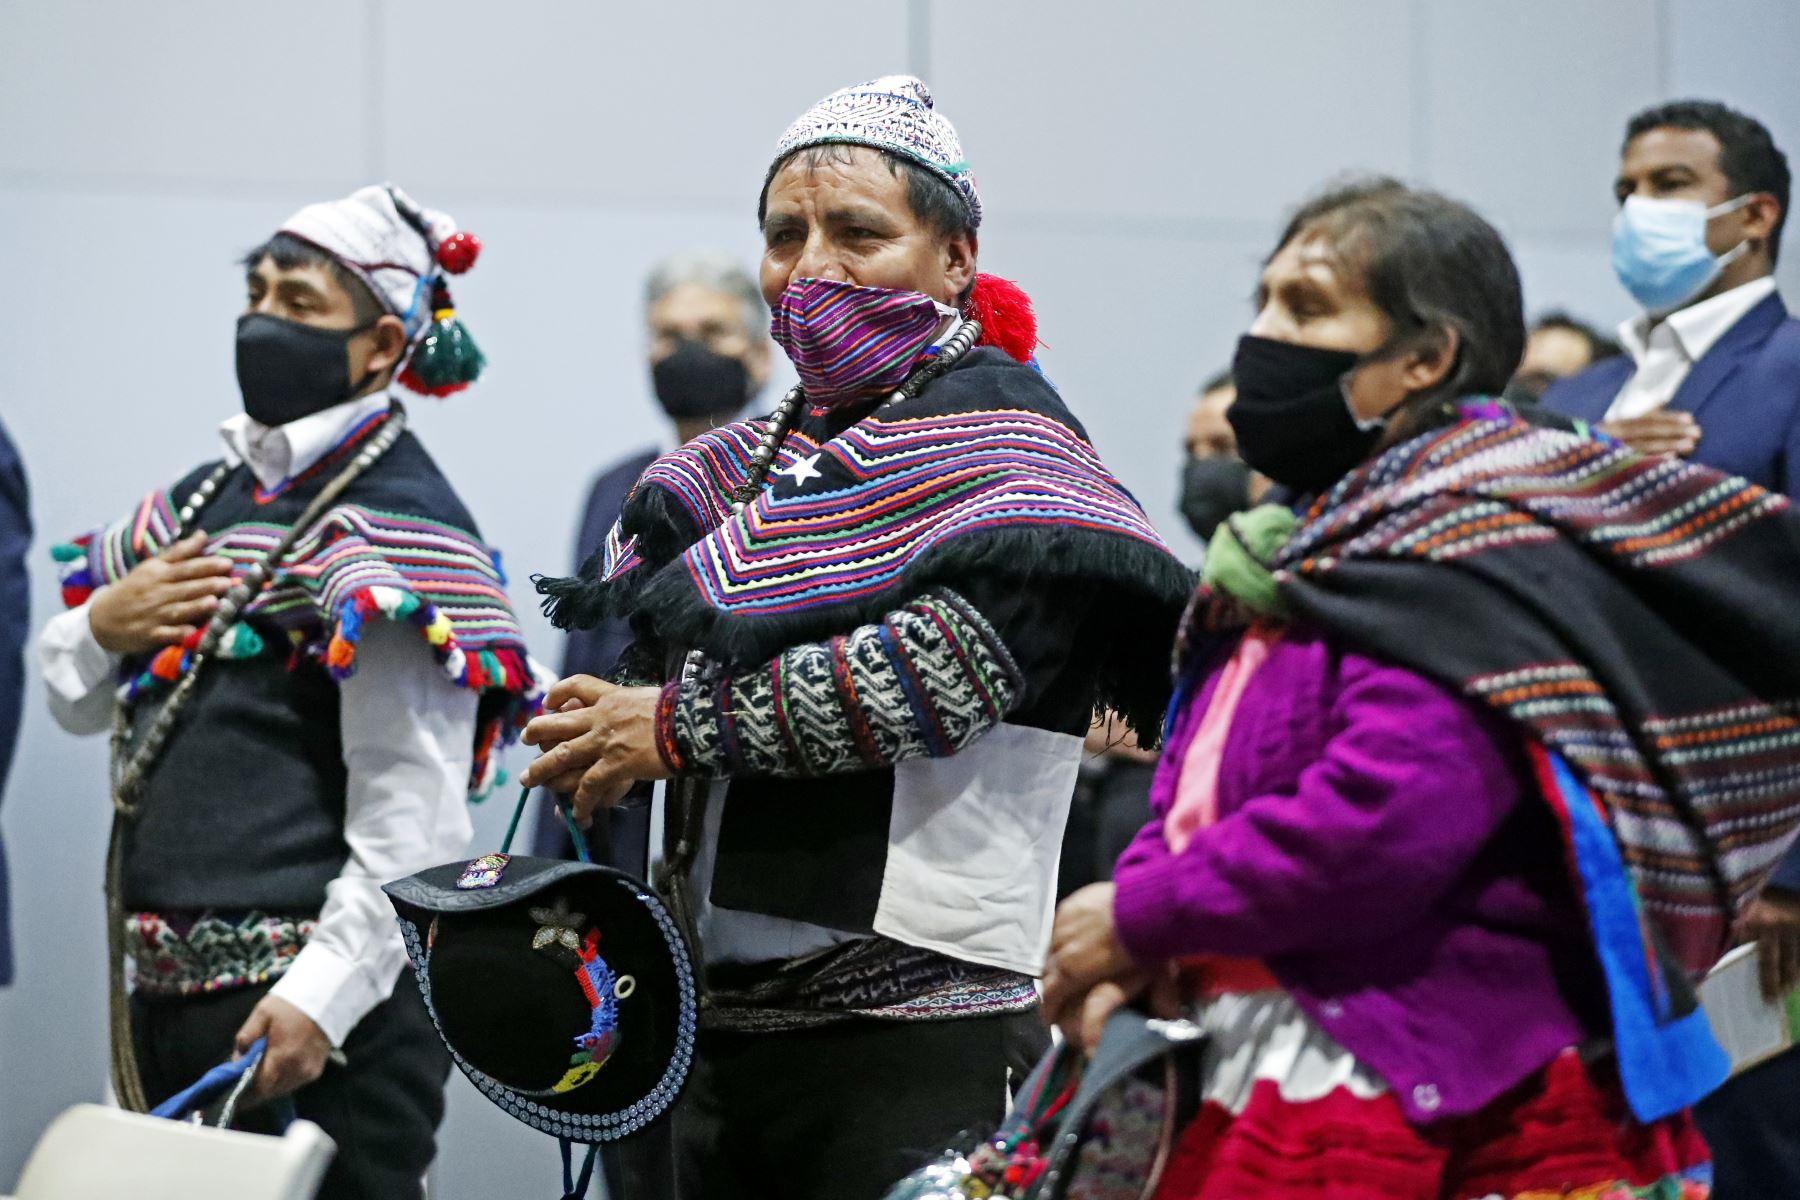 Presidente Castillo participó de la presentación del pesebre de la Cultura Chopcca, que será exhibido en Navidad en la Plaza San Pedro del Vaticano. Foto: ANDINA/Prensa Presidencia